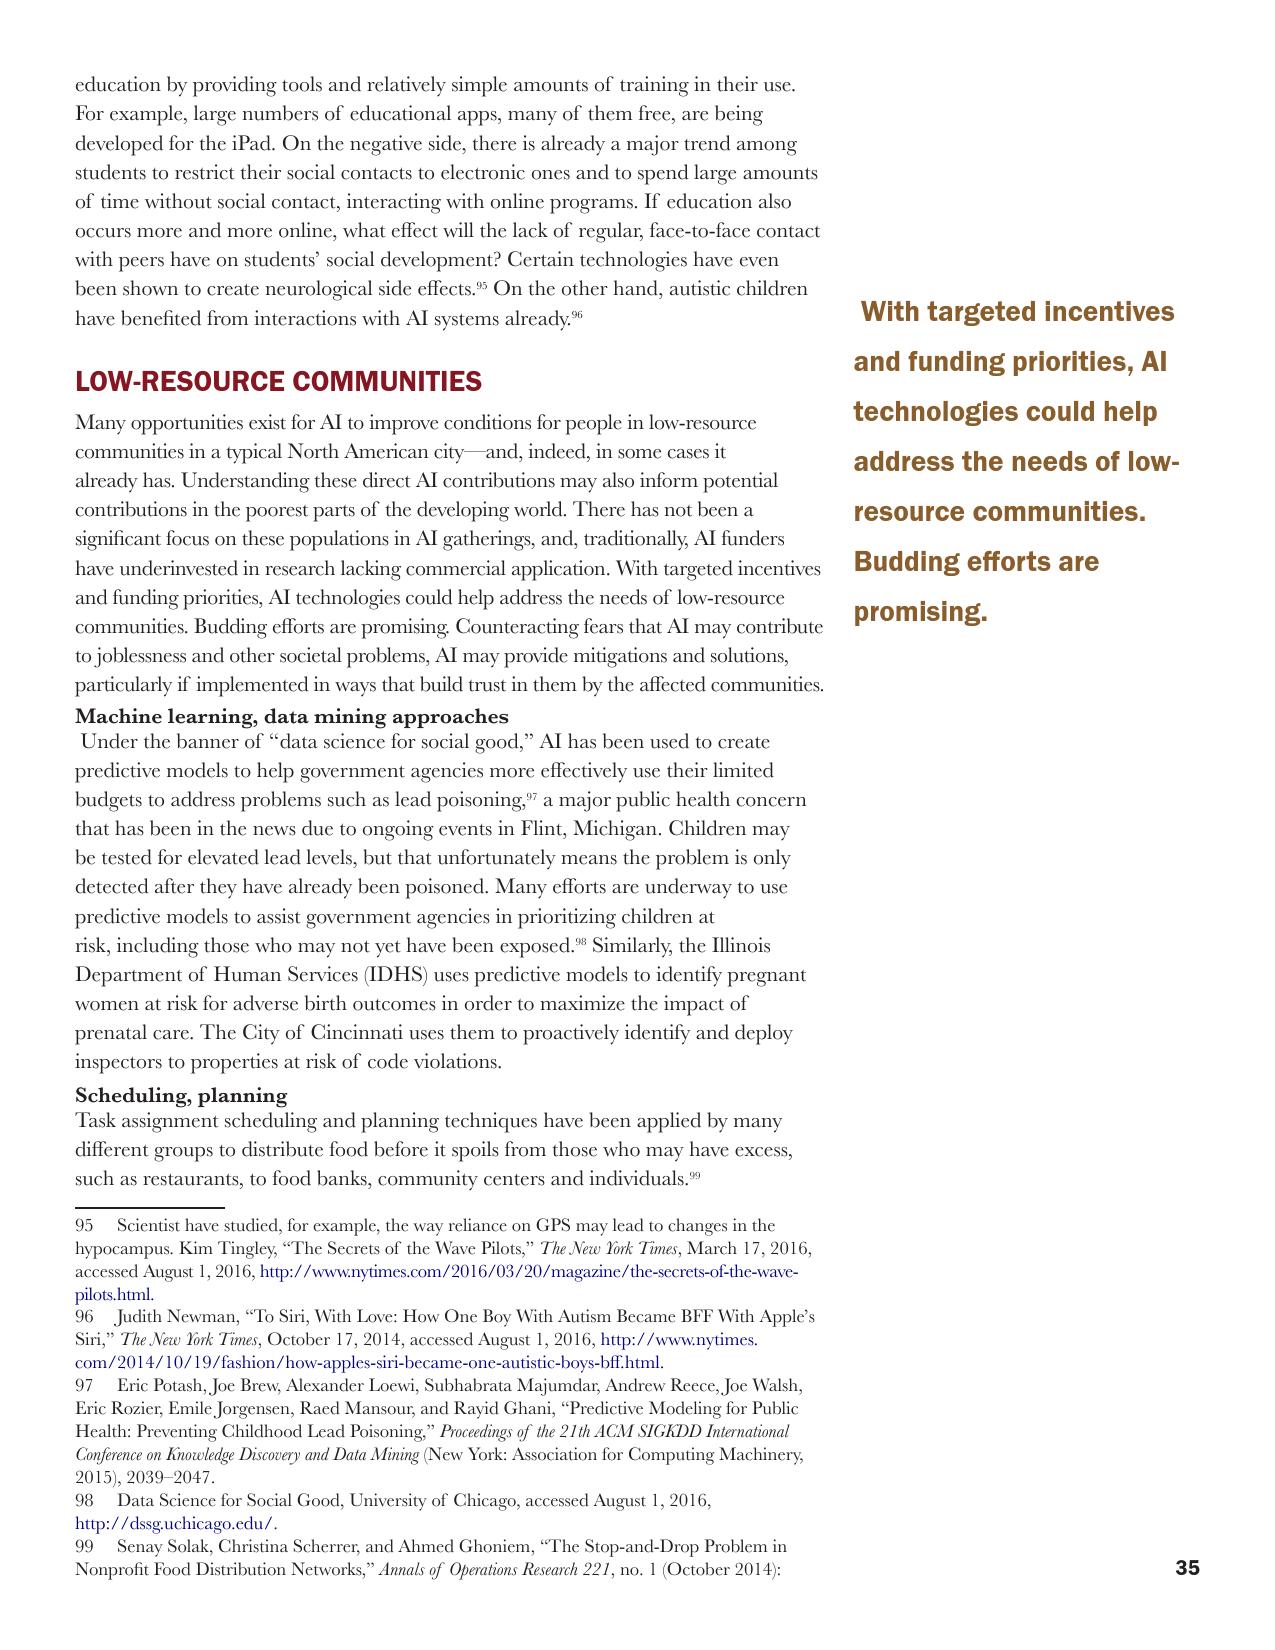 斯坦福:2030年的人工智能与人类生活_000035